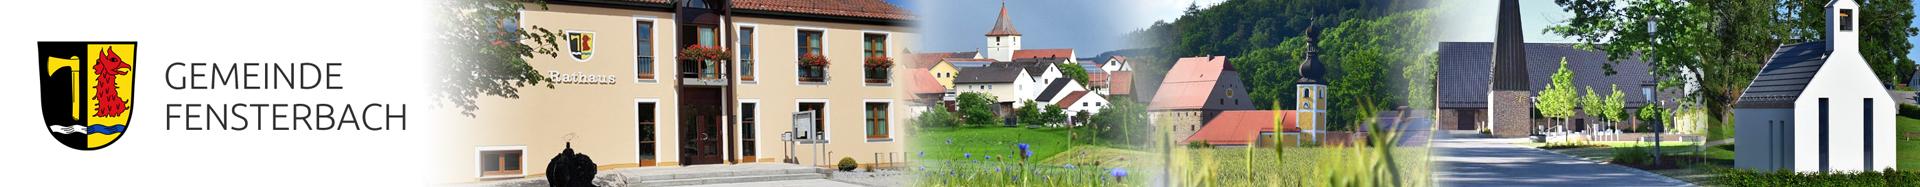 Gemeinde Fensterbach